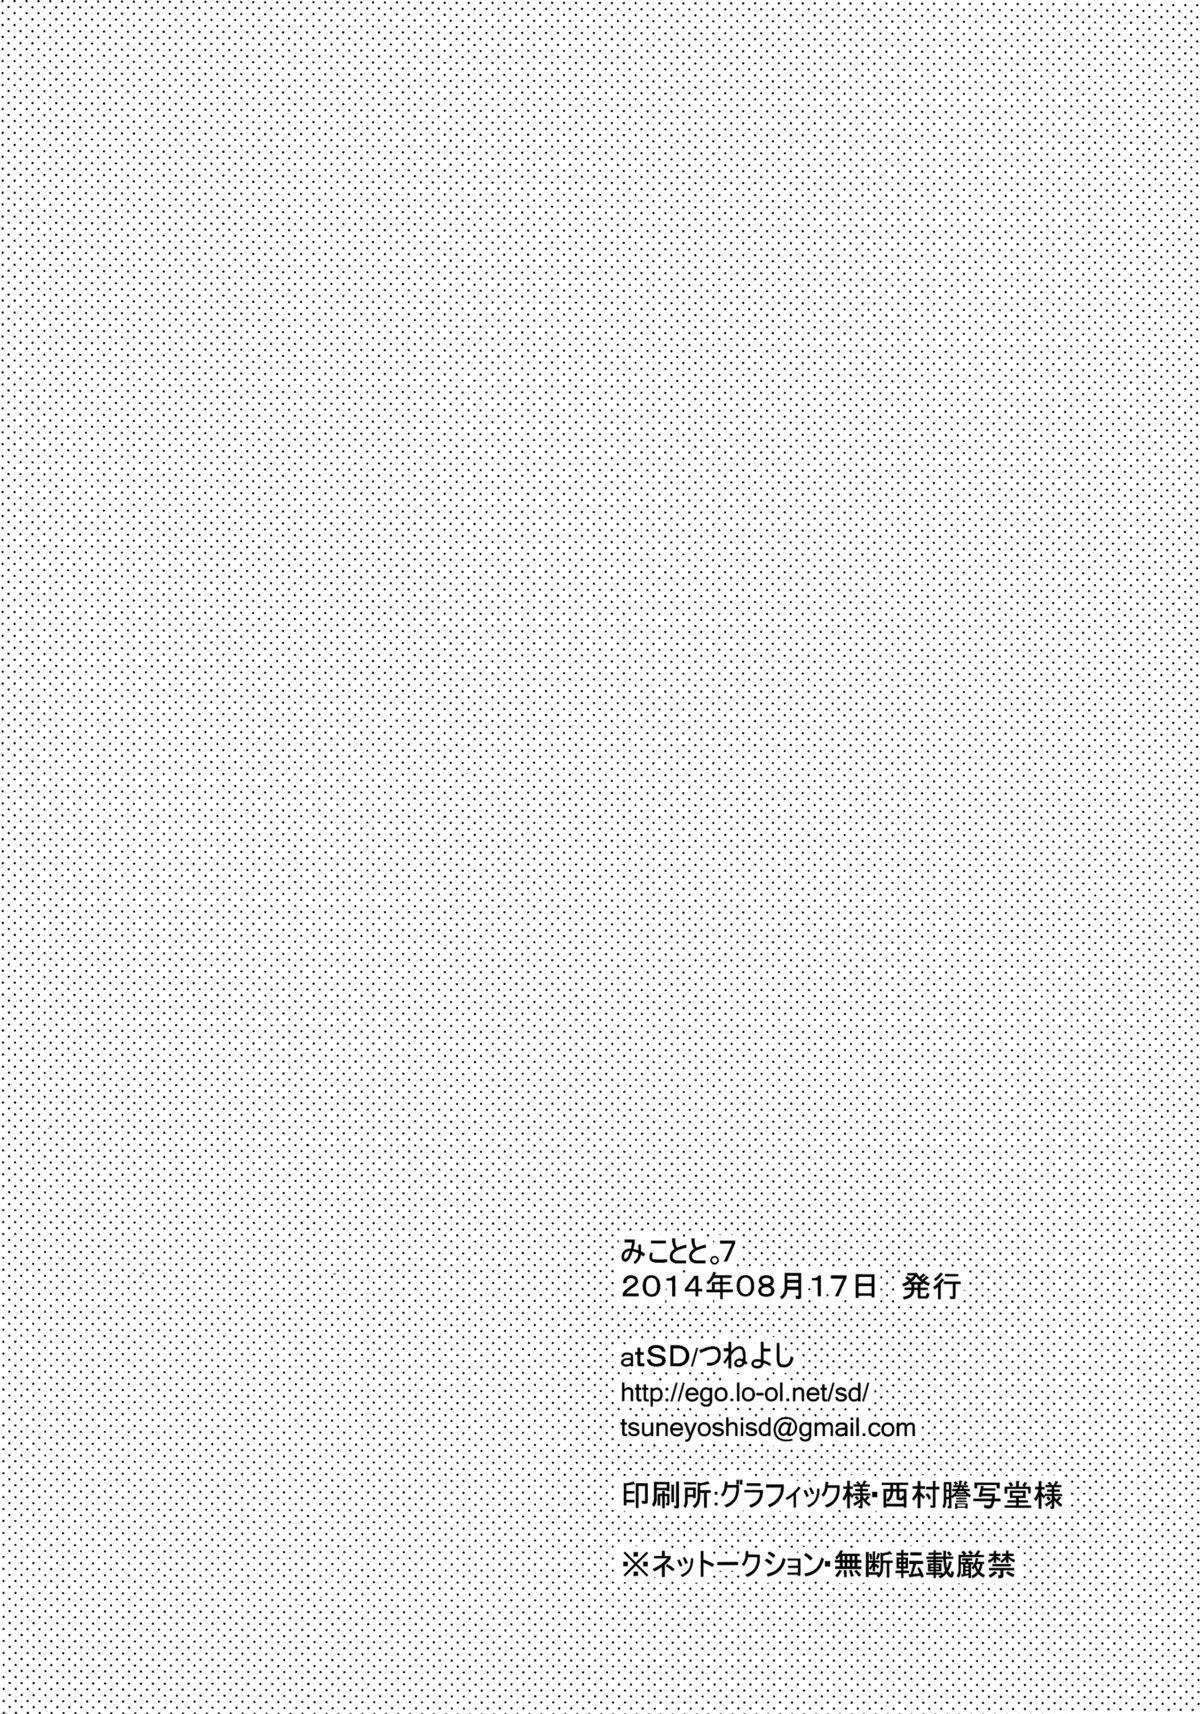 Mikoto to. 7 29